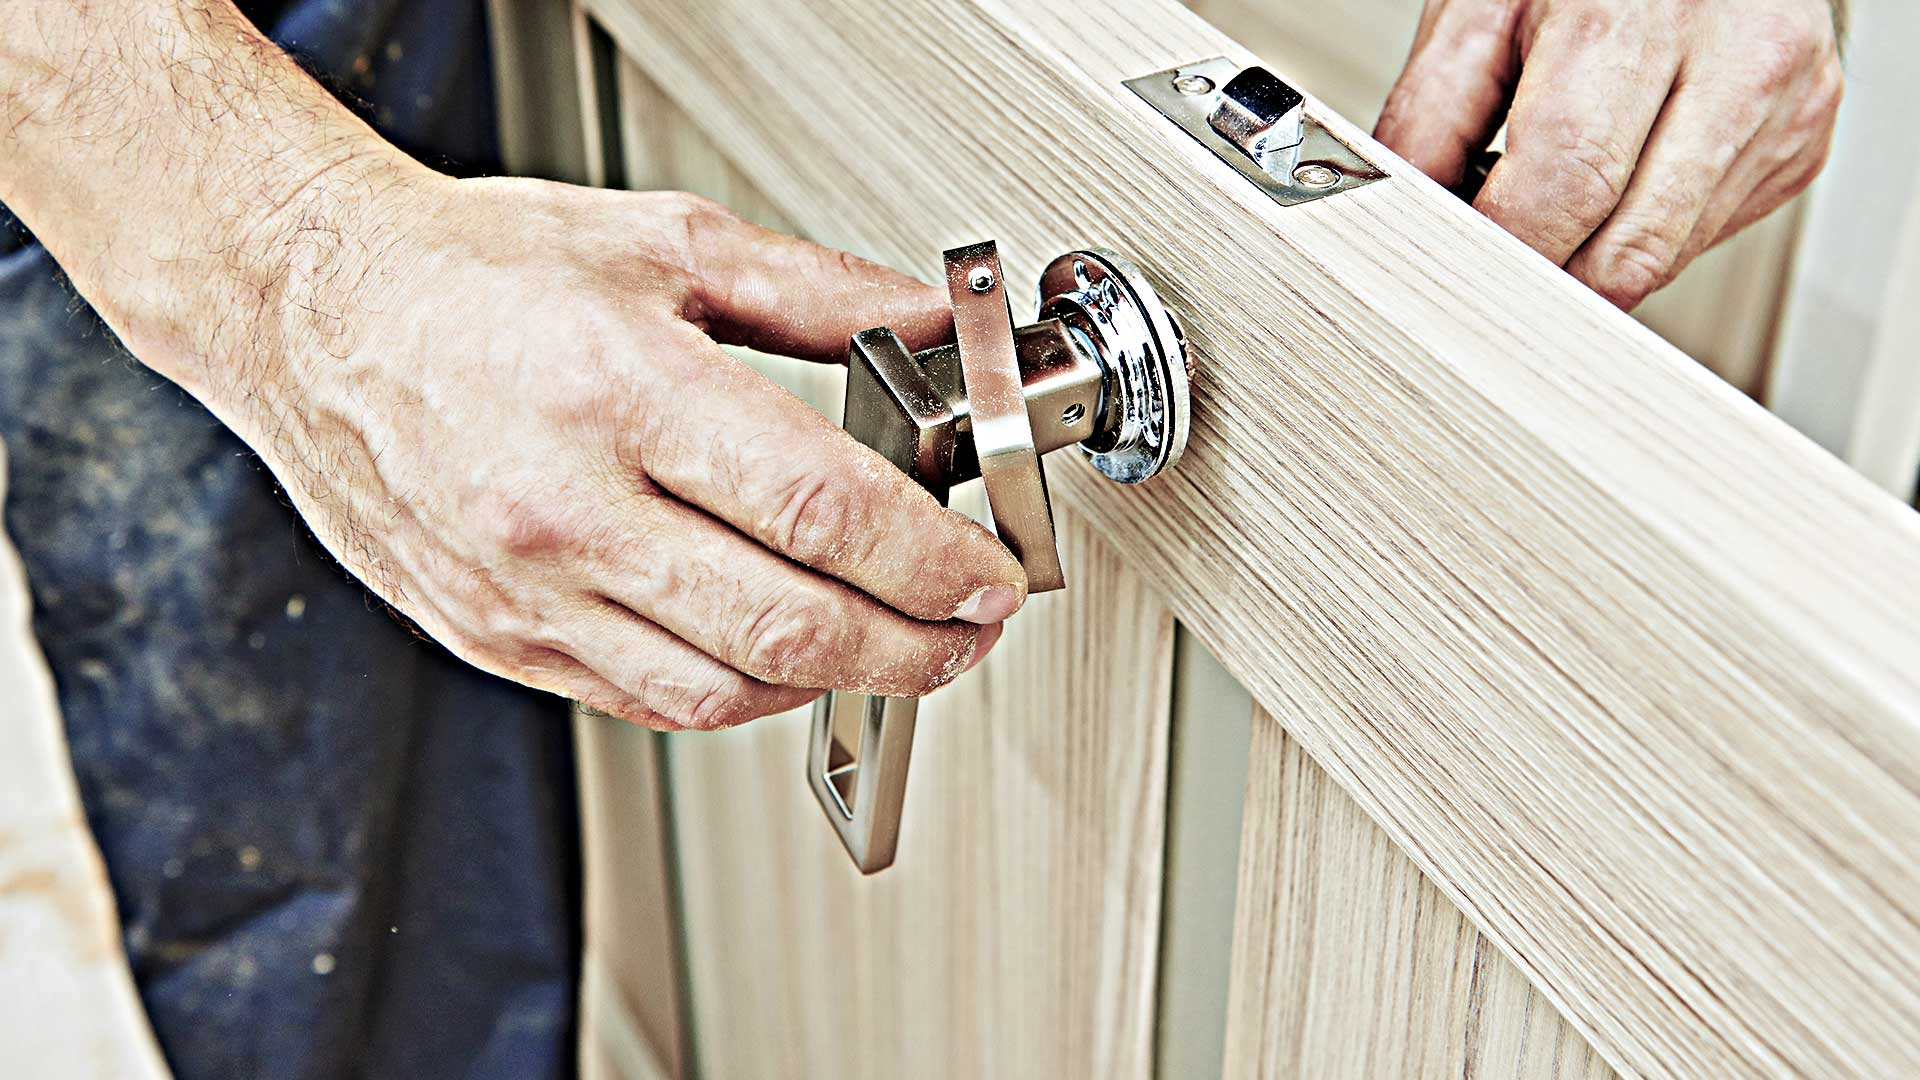 Fixing lock and handle on door